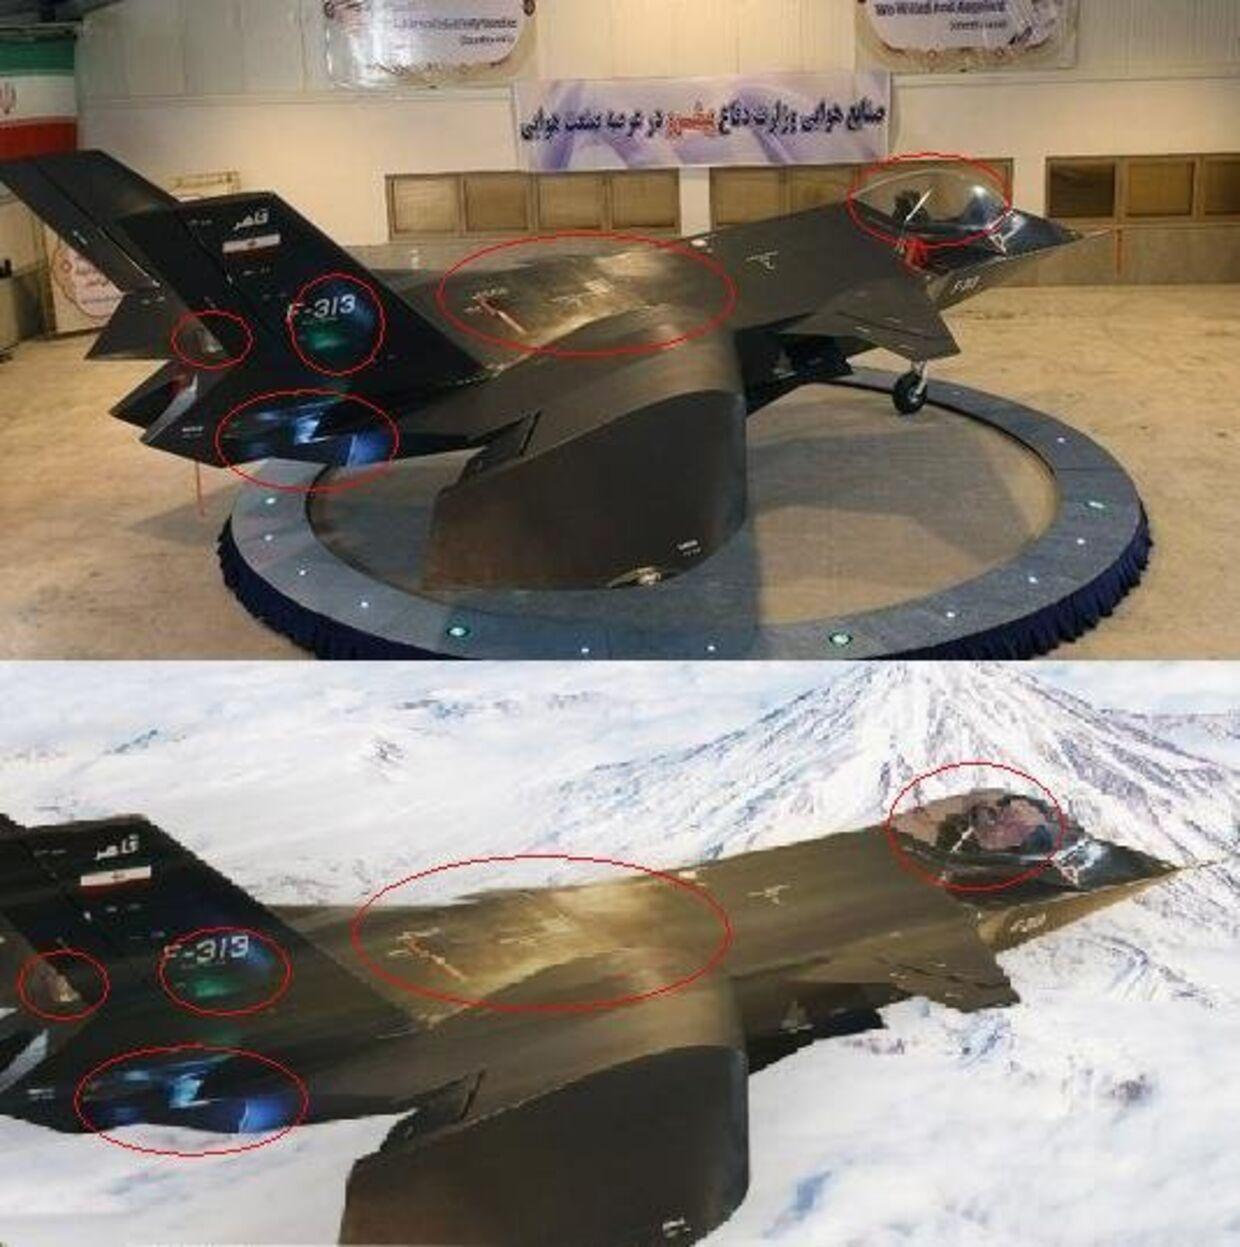 Iran begår pinlig Photoshop-fejl: Det øverste billede er taget ved præsentationen af den nye iranske jet-jager, mens billedet under angiveligt skulle være flyet på en flyvetur over det smukke iranske landskab. problemet er bare, at det er præcis det samme fly, i præcis den samme vinkel, med præcis de samme grønne og blålys på.